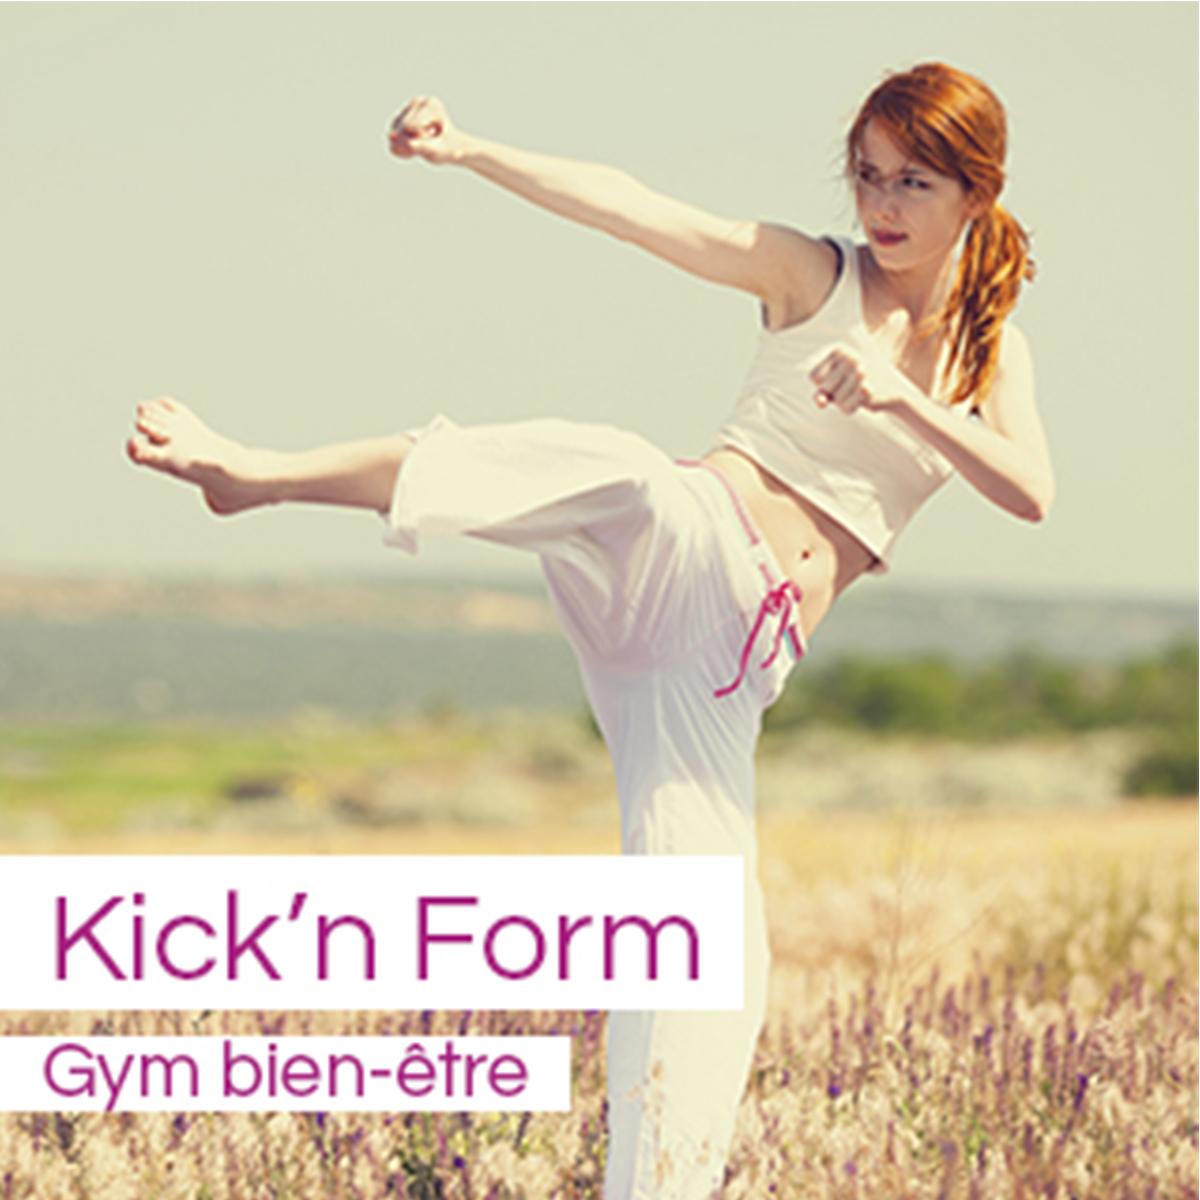 kicknform